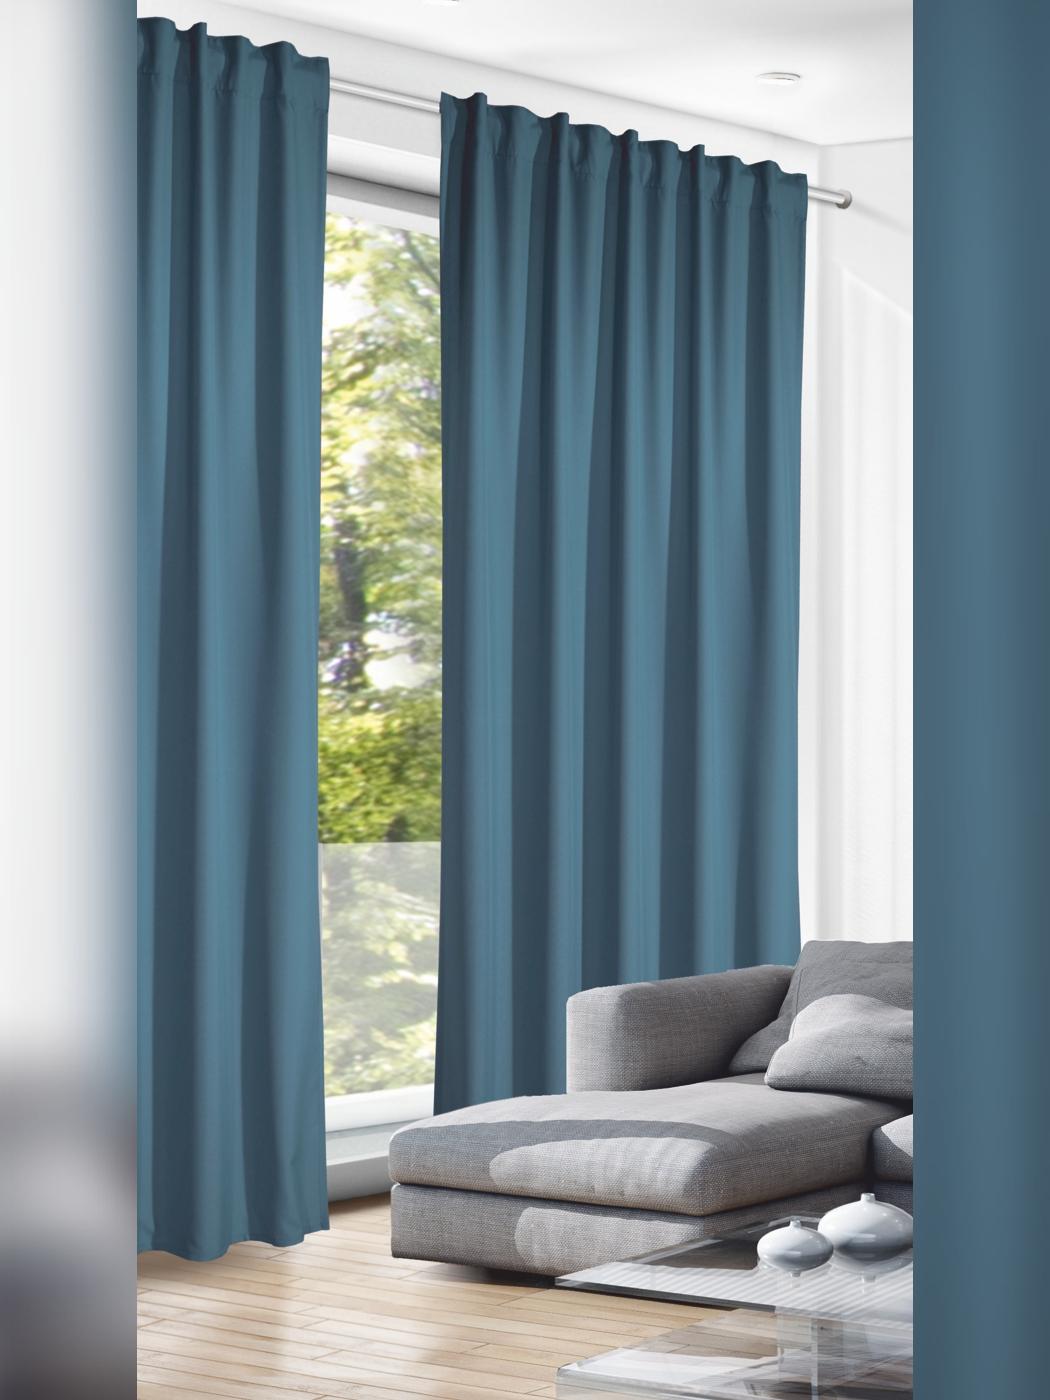 Full Size of Gardinen Vorhang Blickdicht Blau Mittelblau Scheibengardinen Küche Schlafzimmer Für Wohnzimmer Die Fenster Wohnzimmer Blickdichte Gardinen